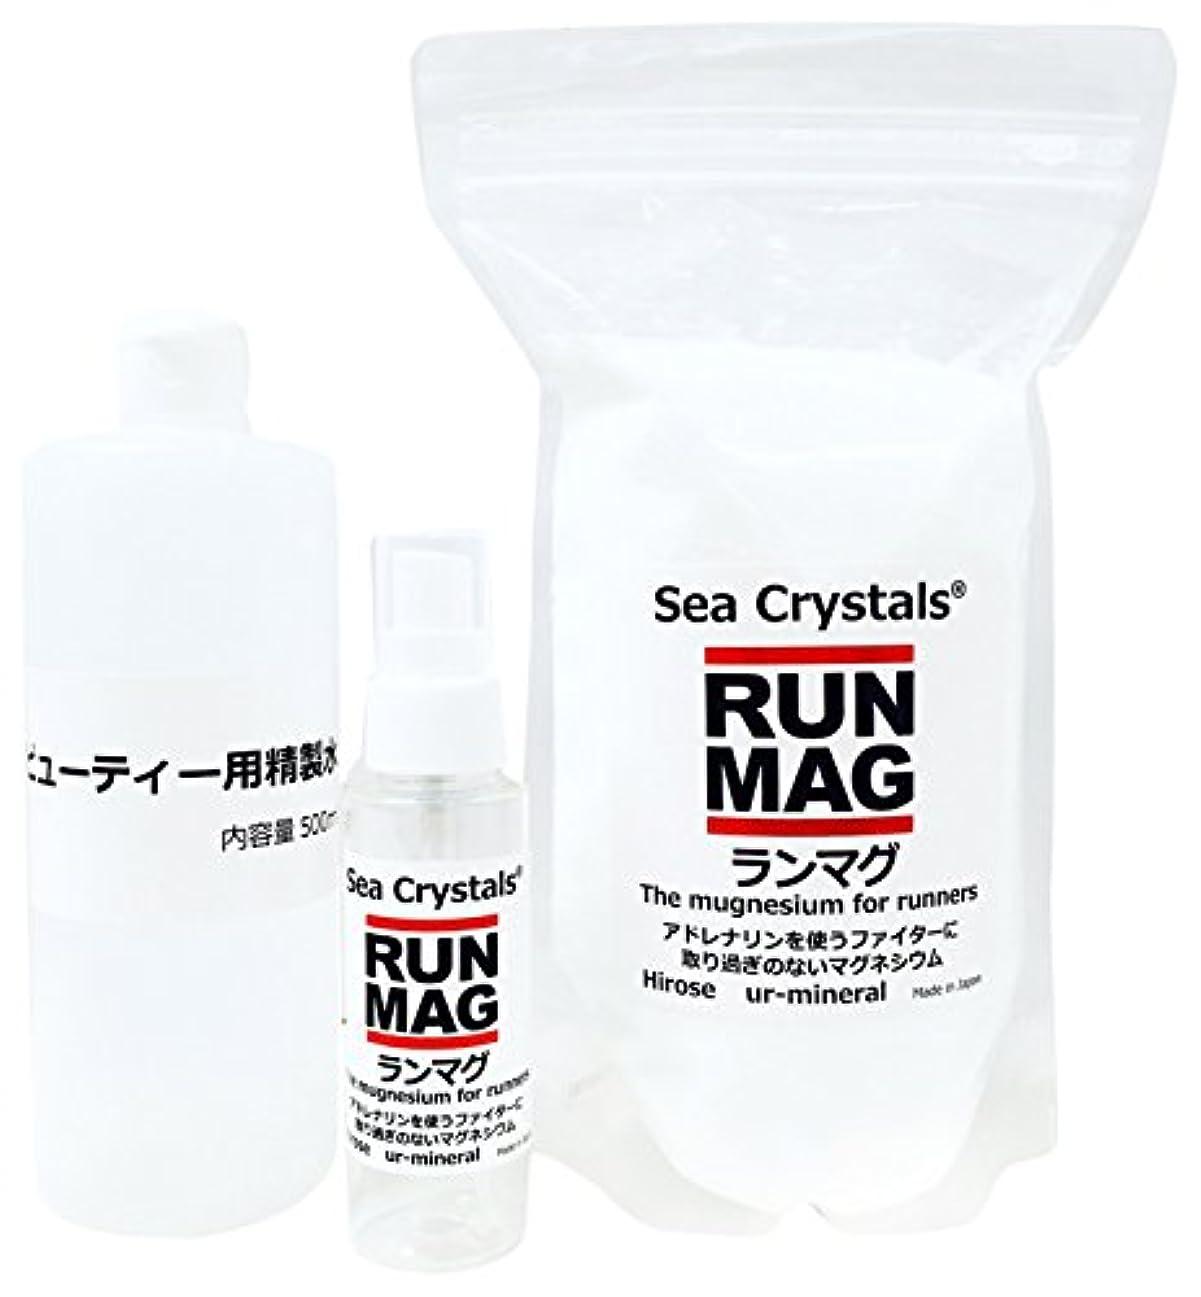 実り多い代表すべてランマグ?マグネシウムオイル 500g 化粧品登録 日本製 1日マグネシウム360mg使用  精製水付き